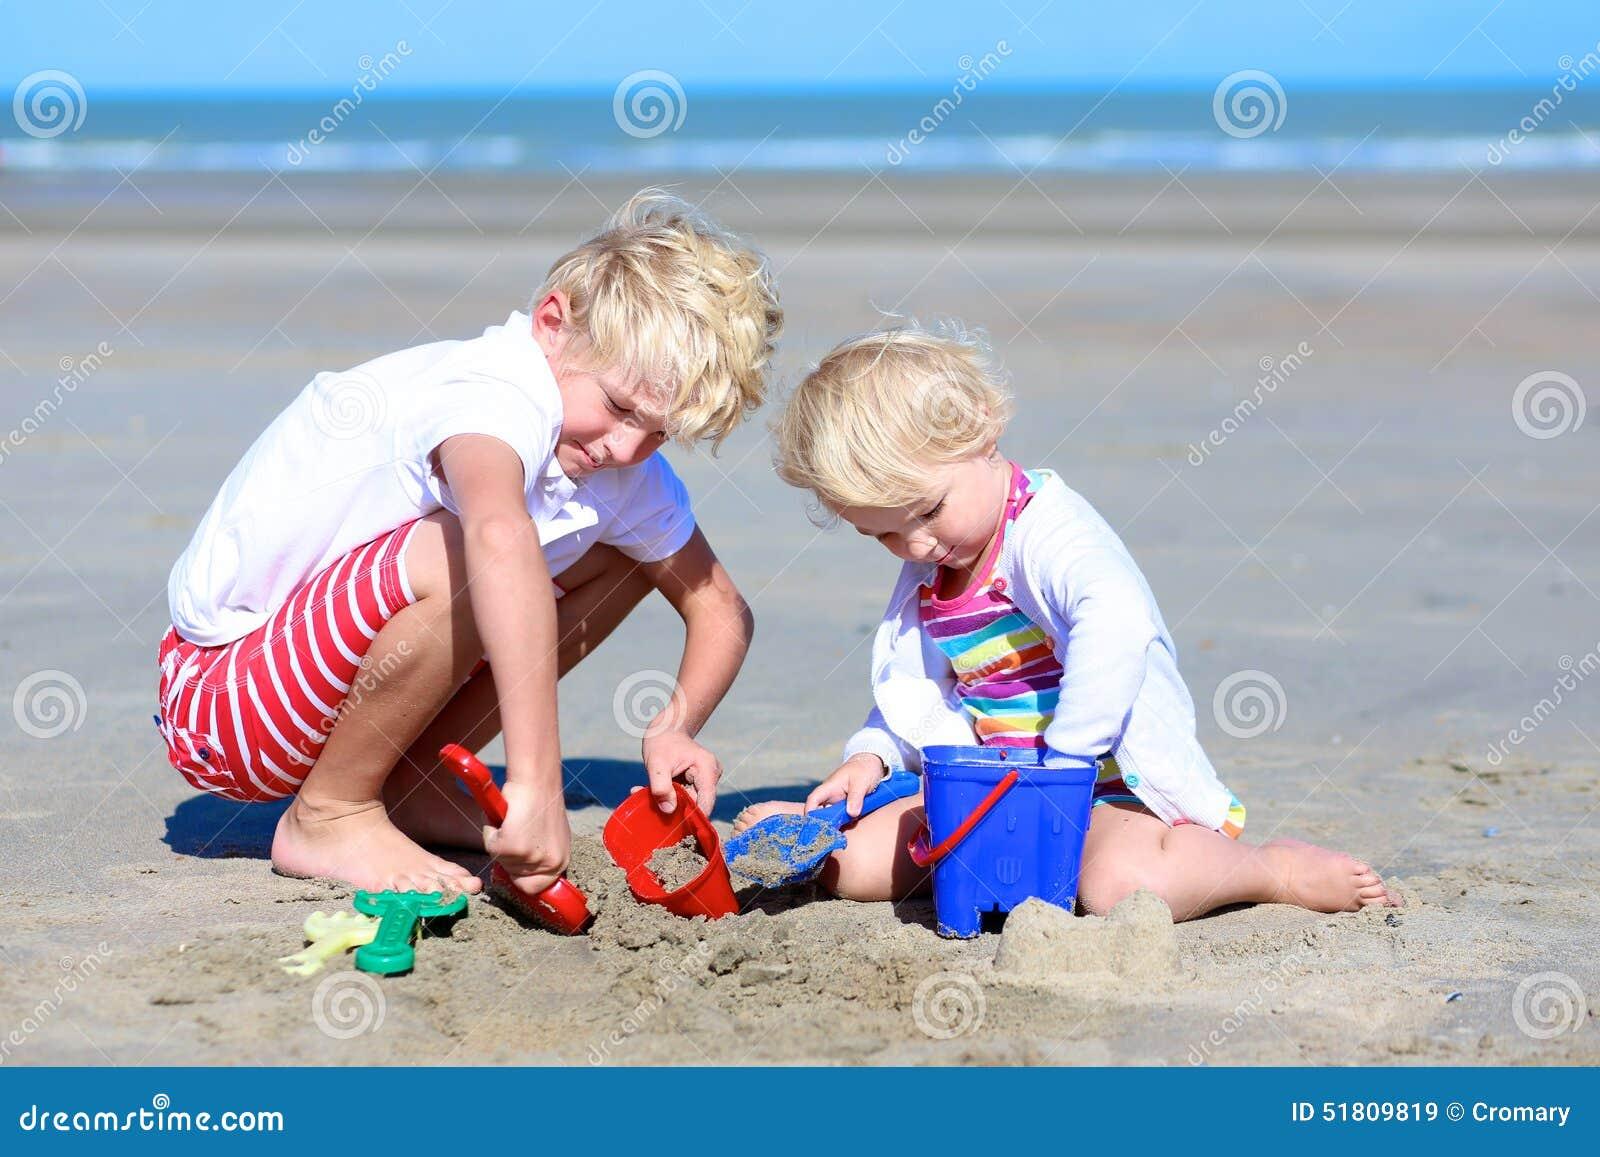 Brat i siostra bawić się z piaskiem na plaży